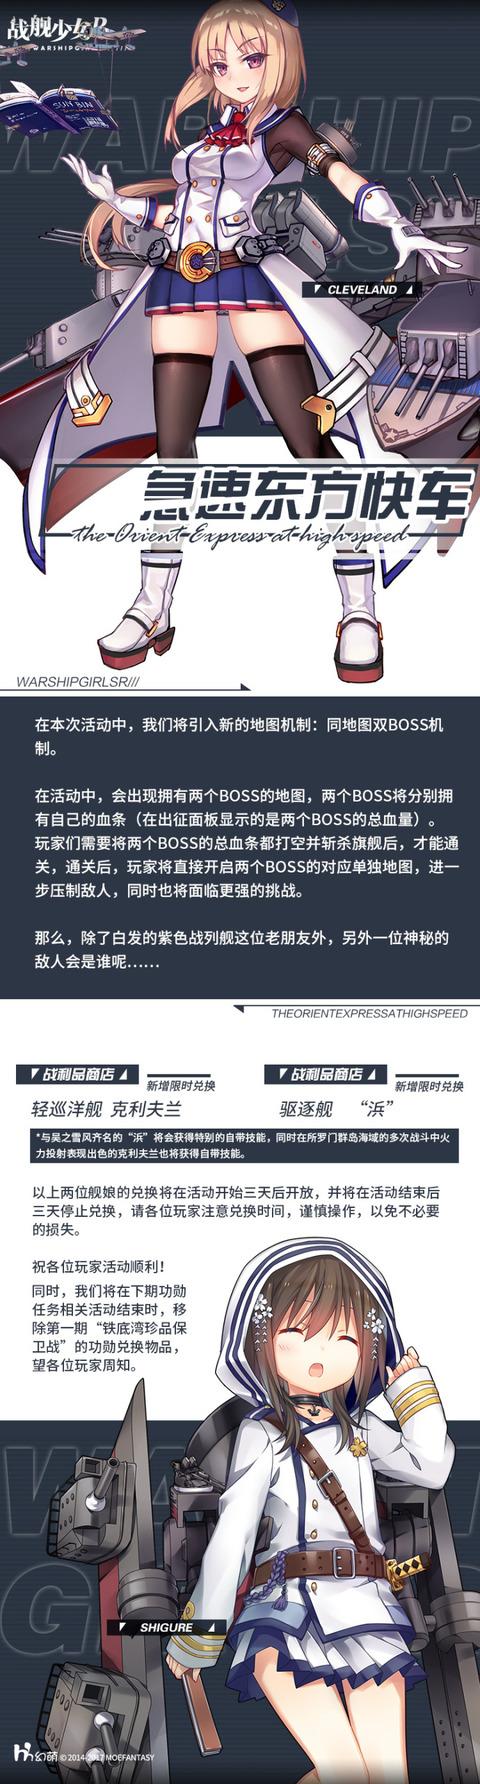 201712急速东方快车2